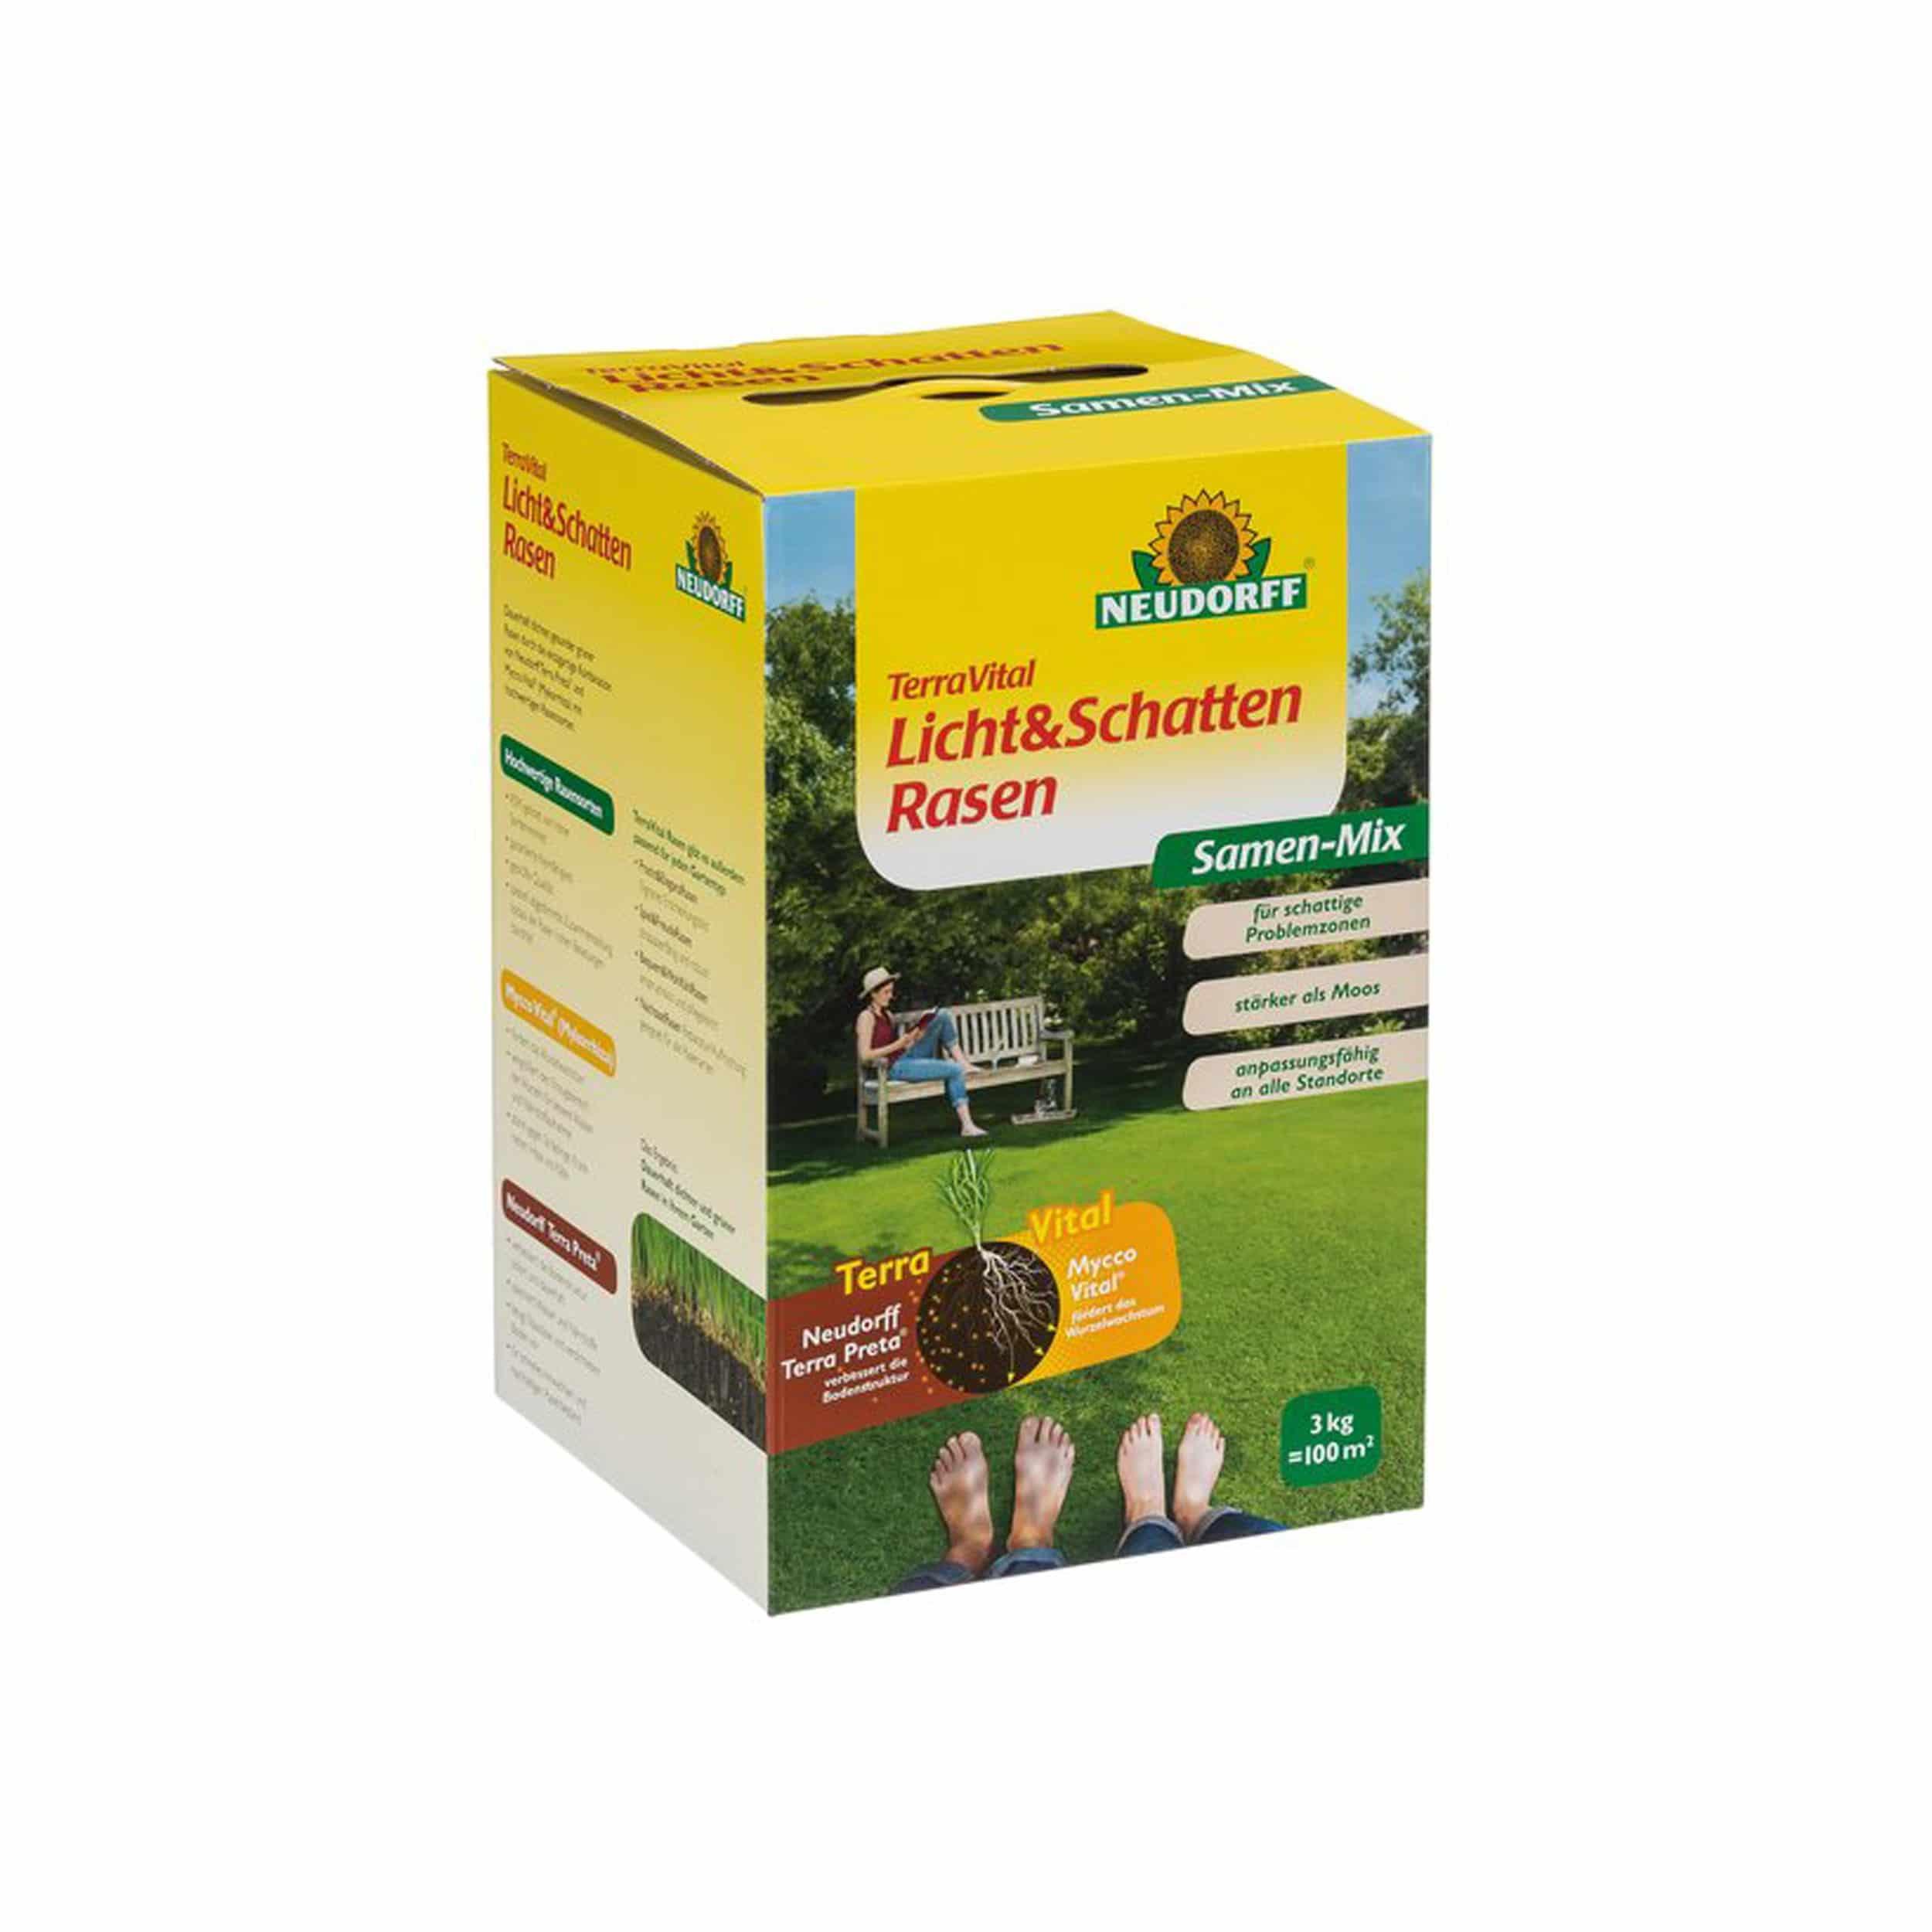 TerraVital Licht&SchattenRasen Samen-Mix 3 kg